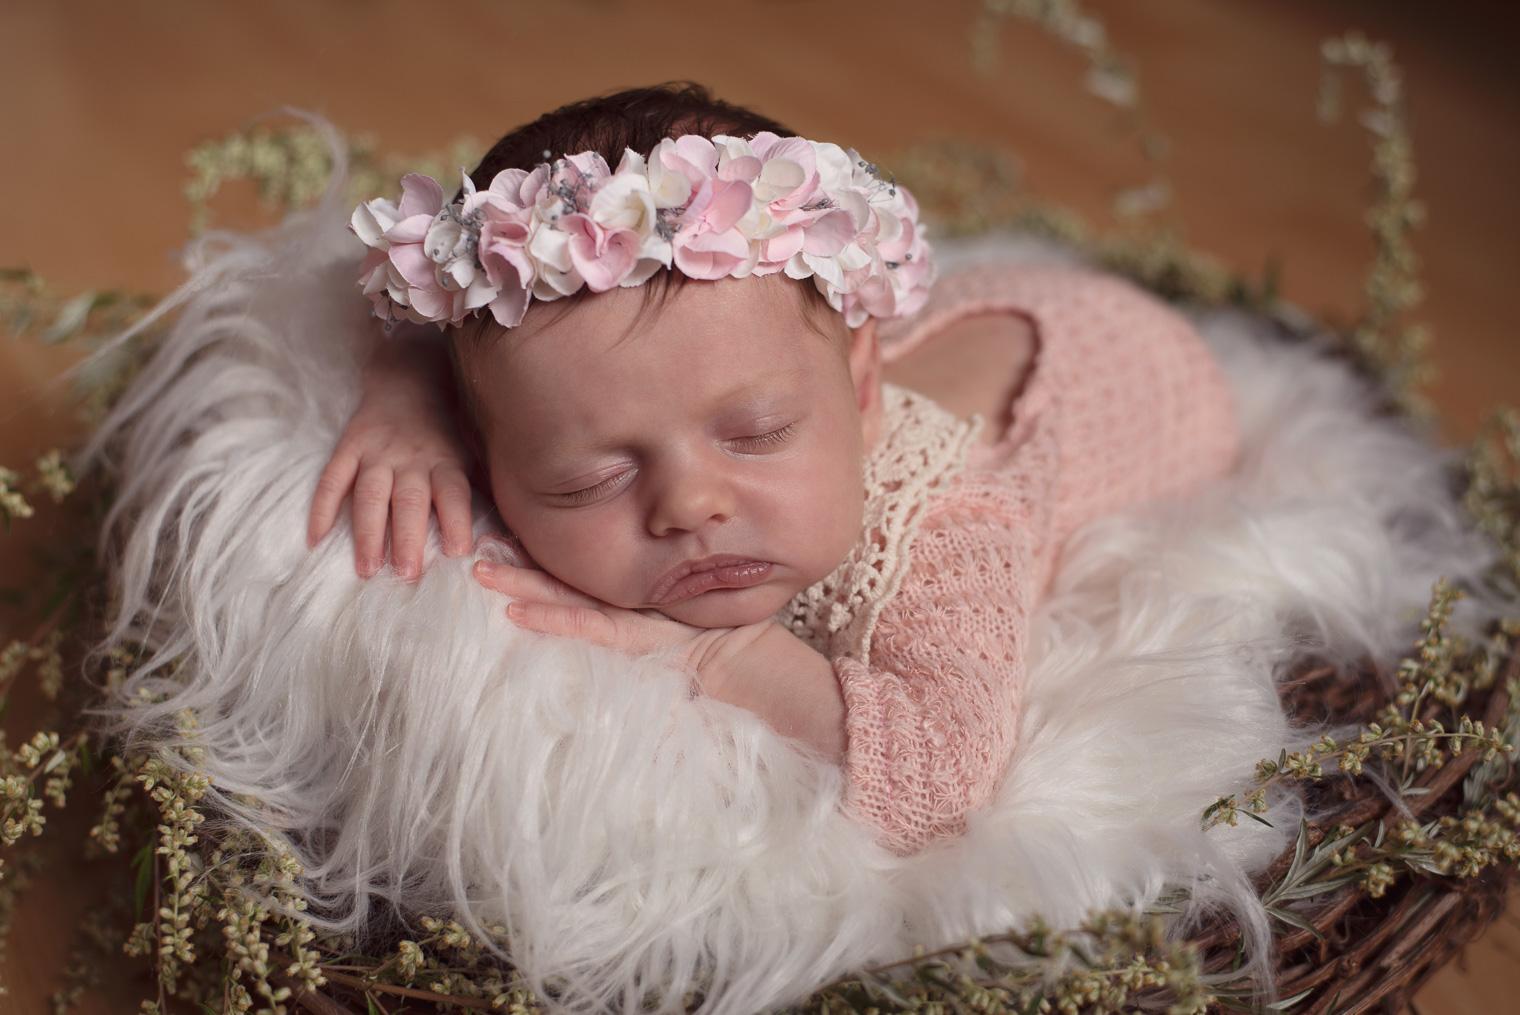 belinda lopez photo nouveau-ne photographie famille grossesse bebe enfant maternite photographe bourg-saint-maurice savoie belindalopez.fr-19